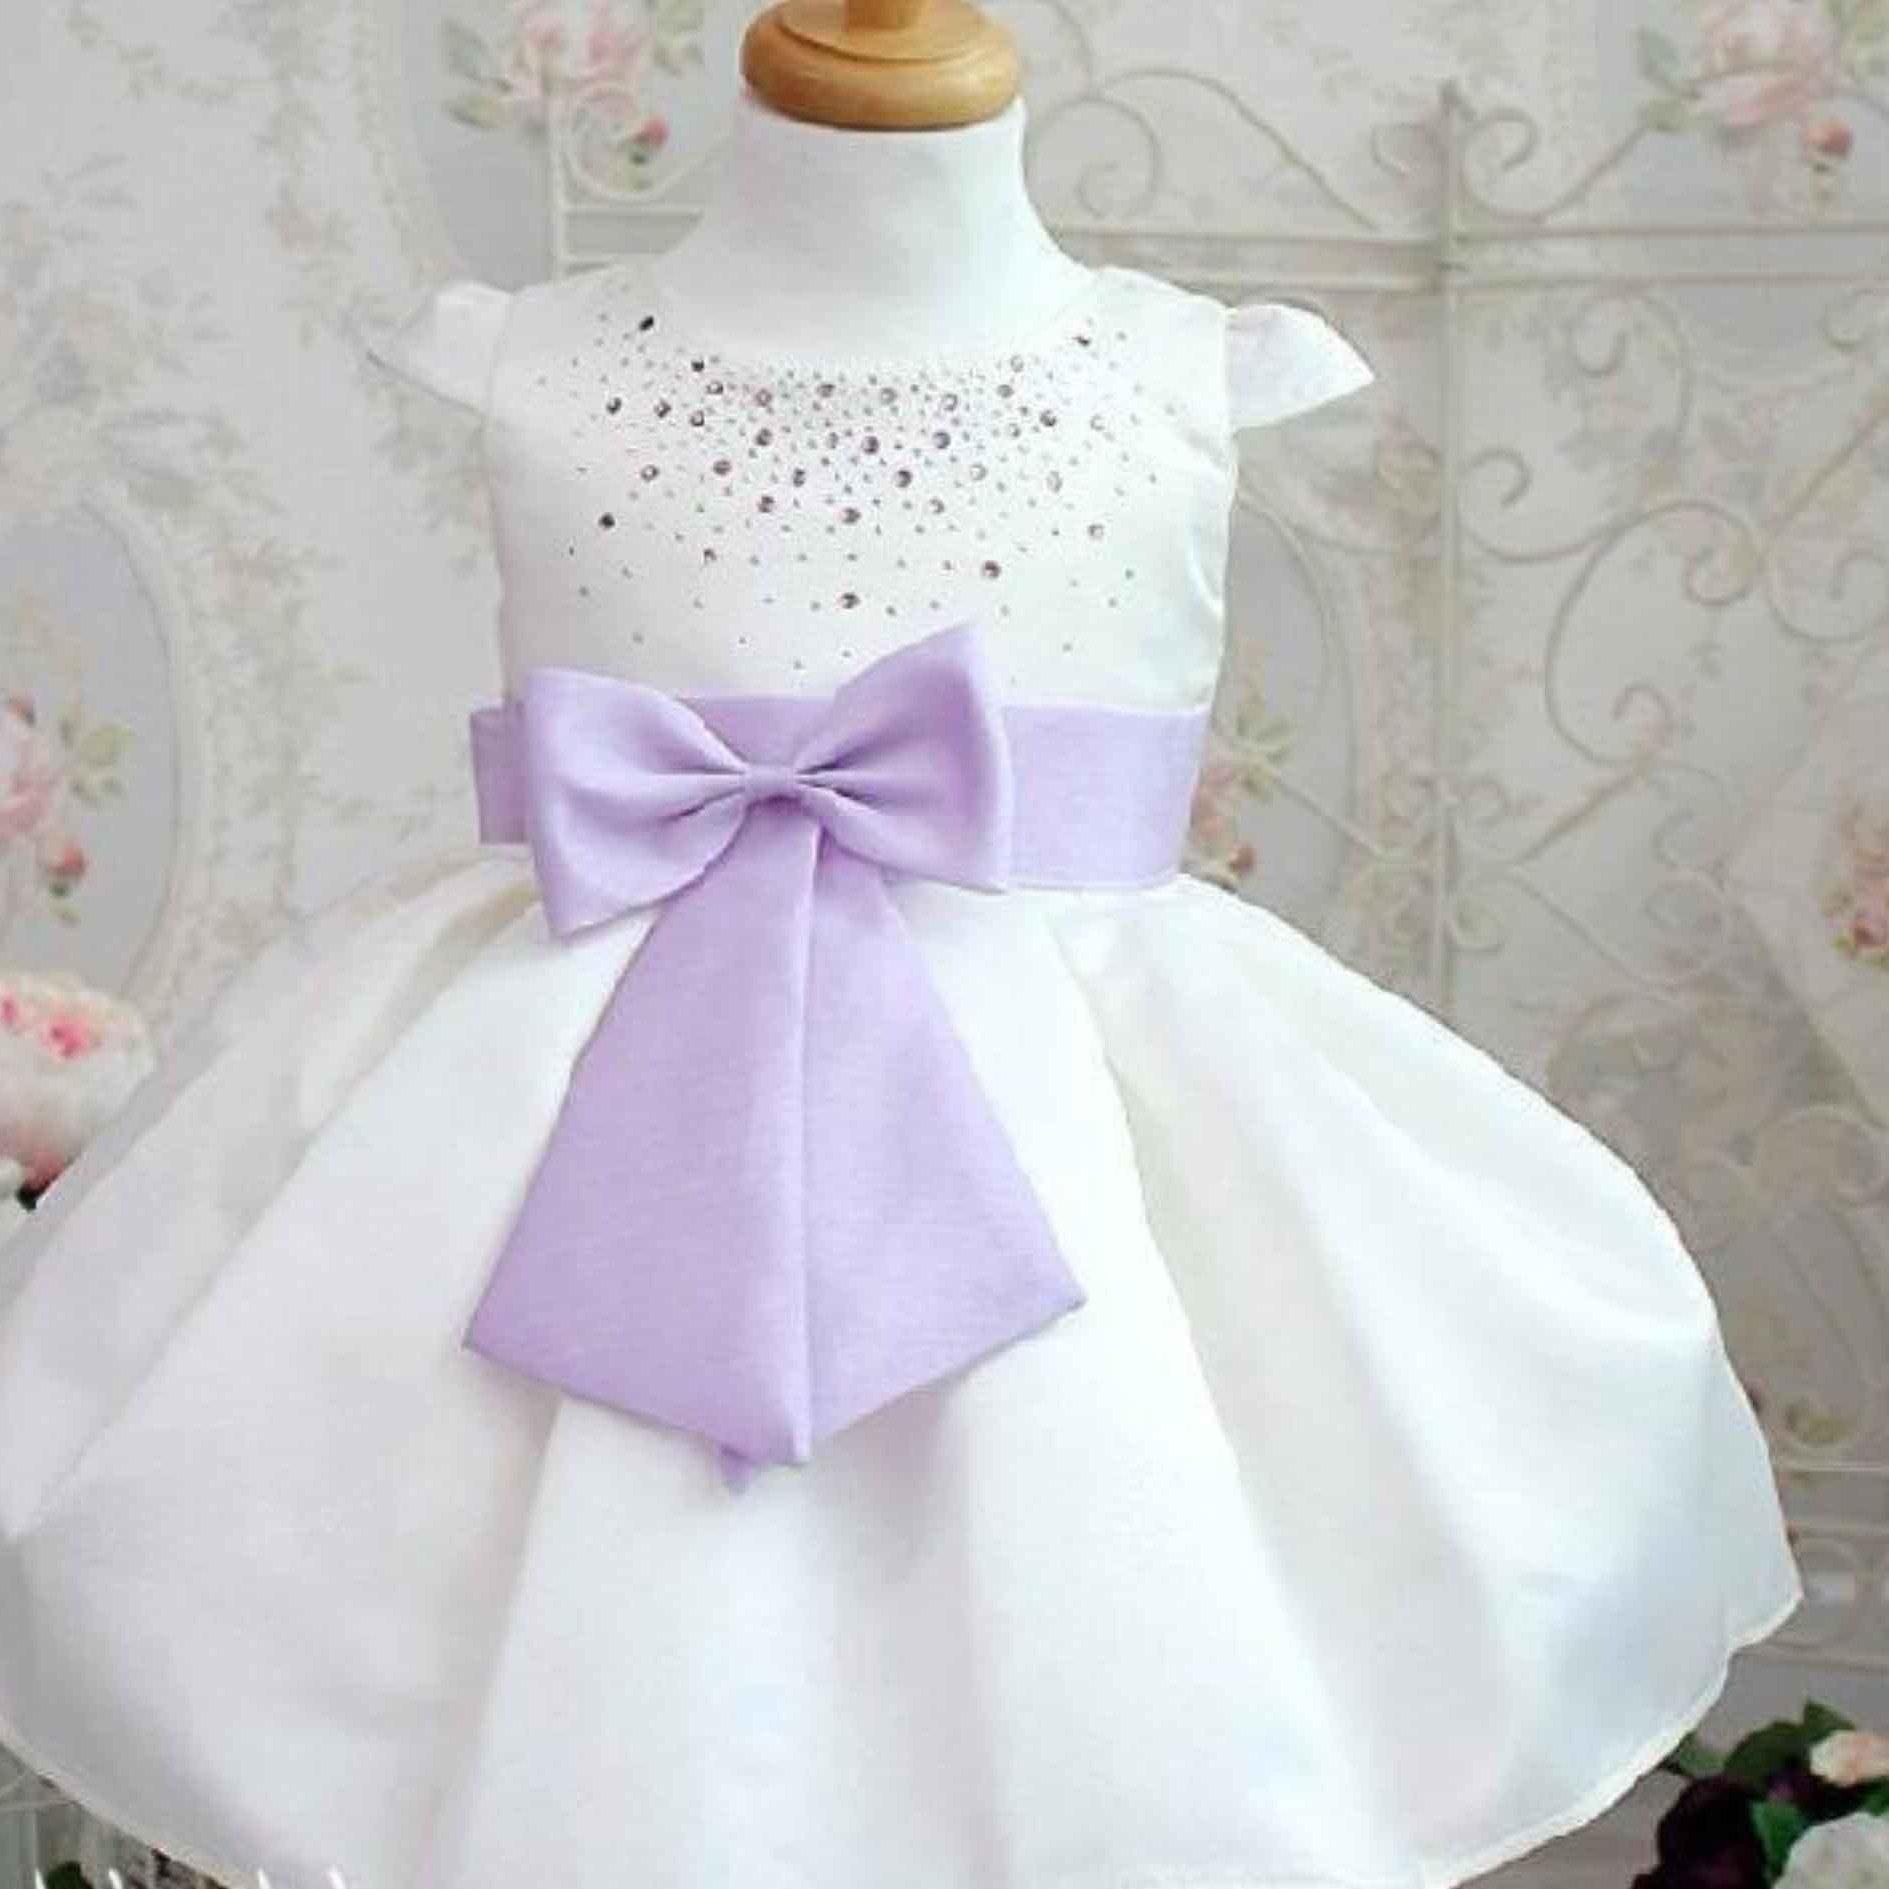 Inspirasi Baju Lebaran Anak Usia 12 Tahun Rldj 7 Referensi Tentang Harga Baju Bayi Perempuan 6 Bulan